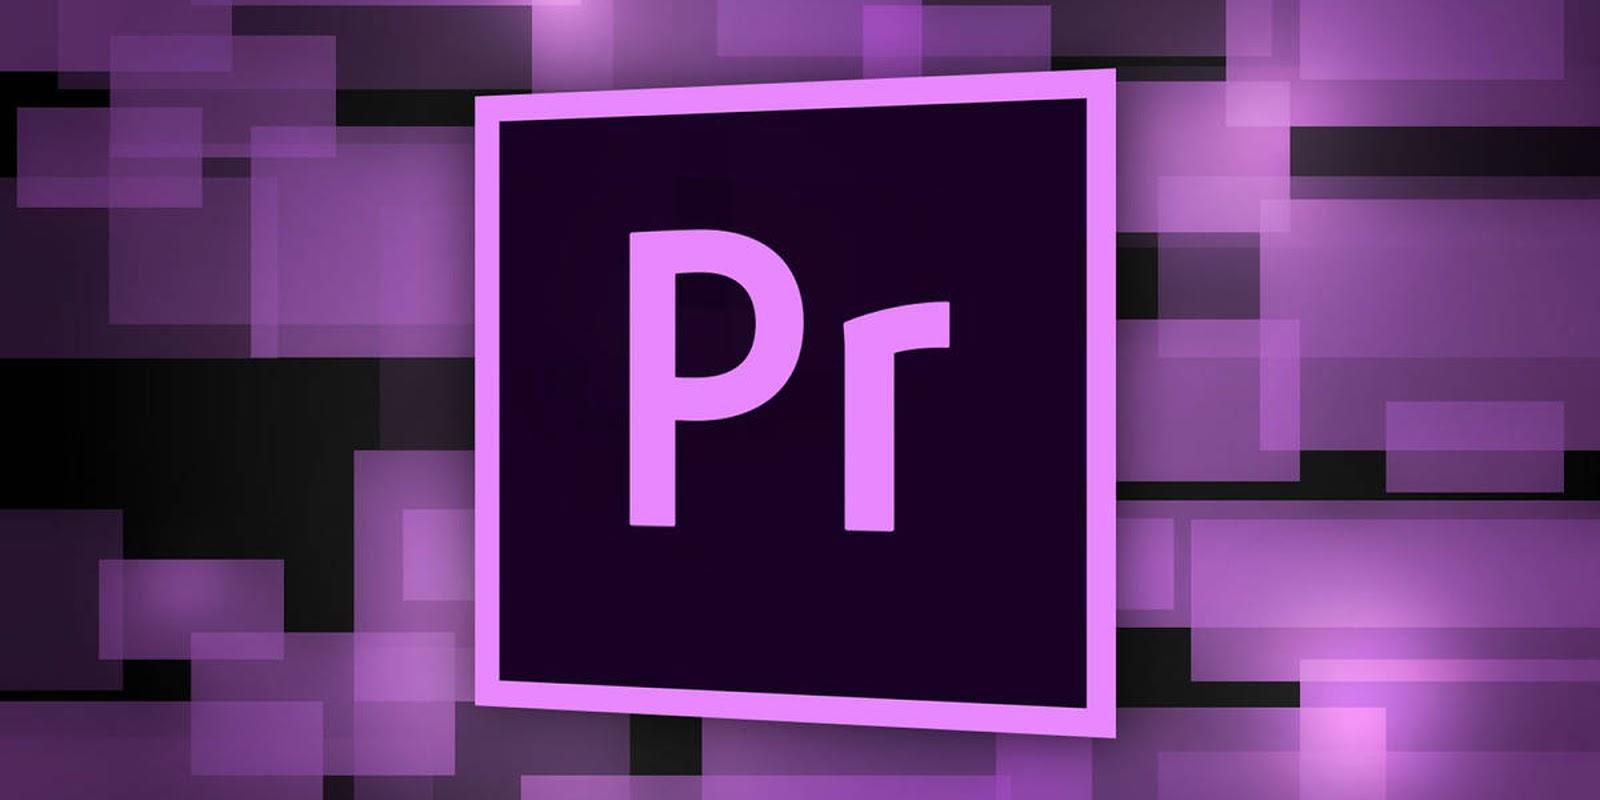 Como Baixar e Instalar Premiere Pro CC 2018 Completo Atualizado PT-BR